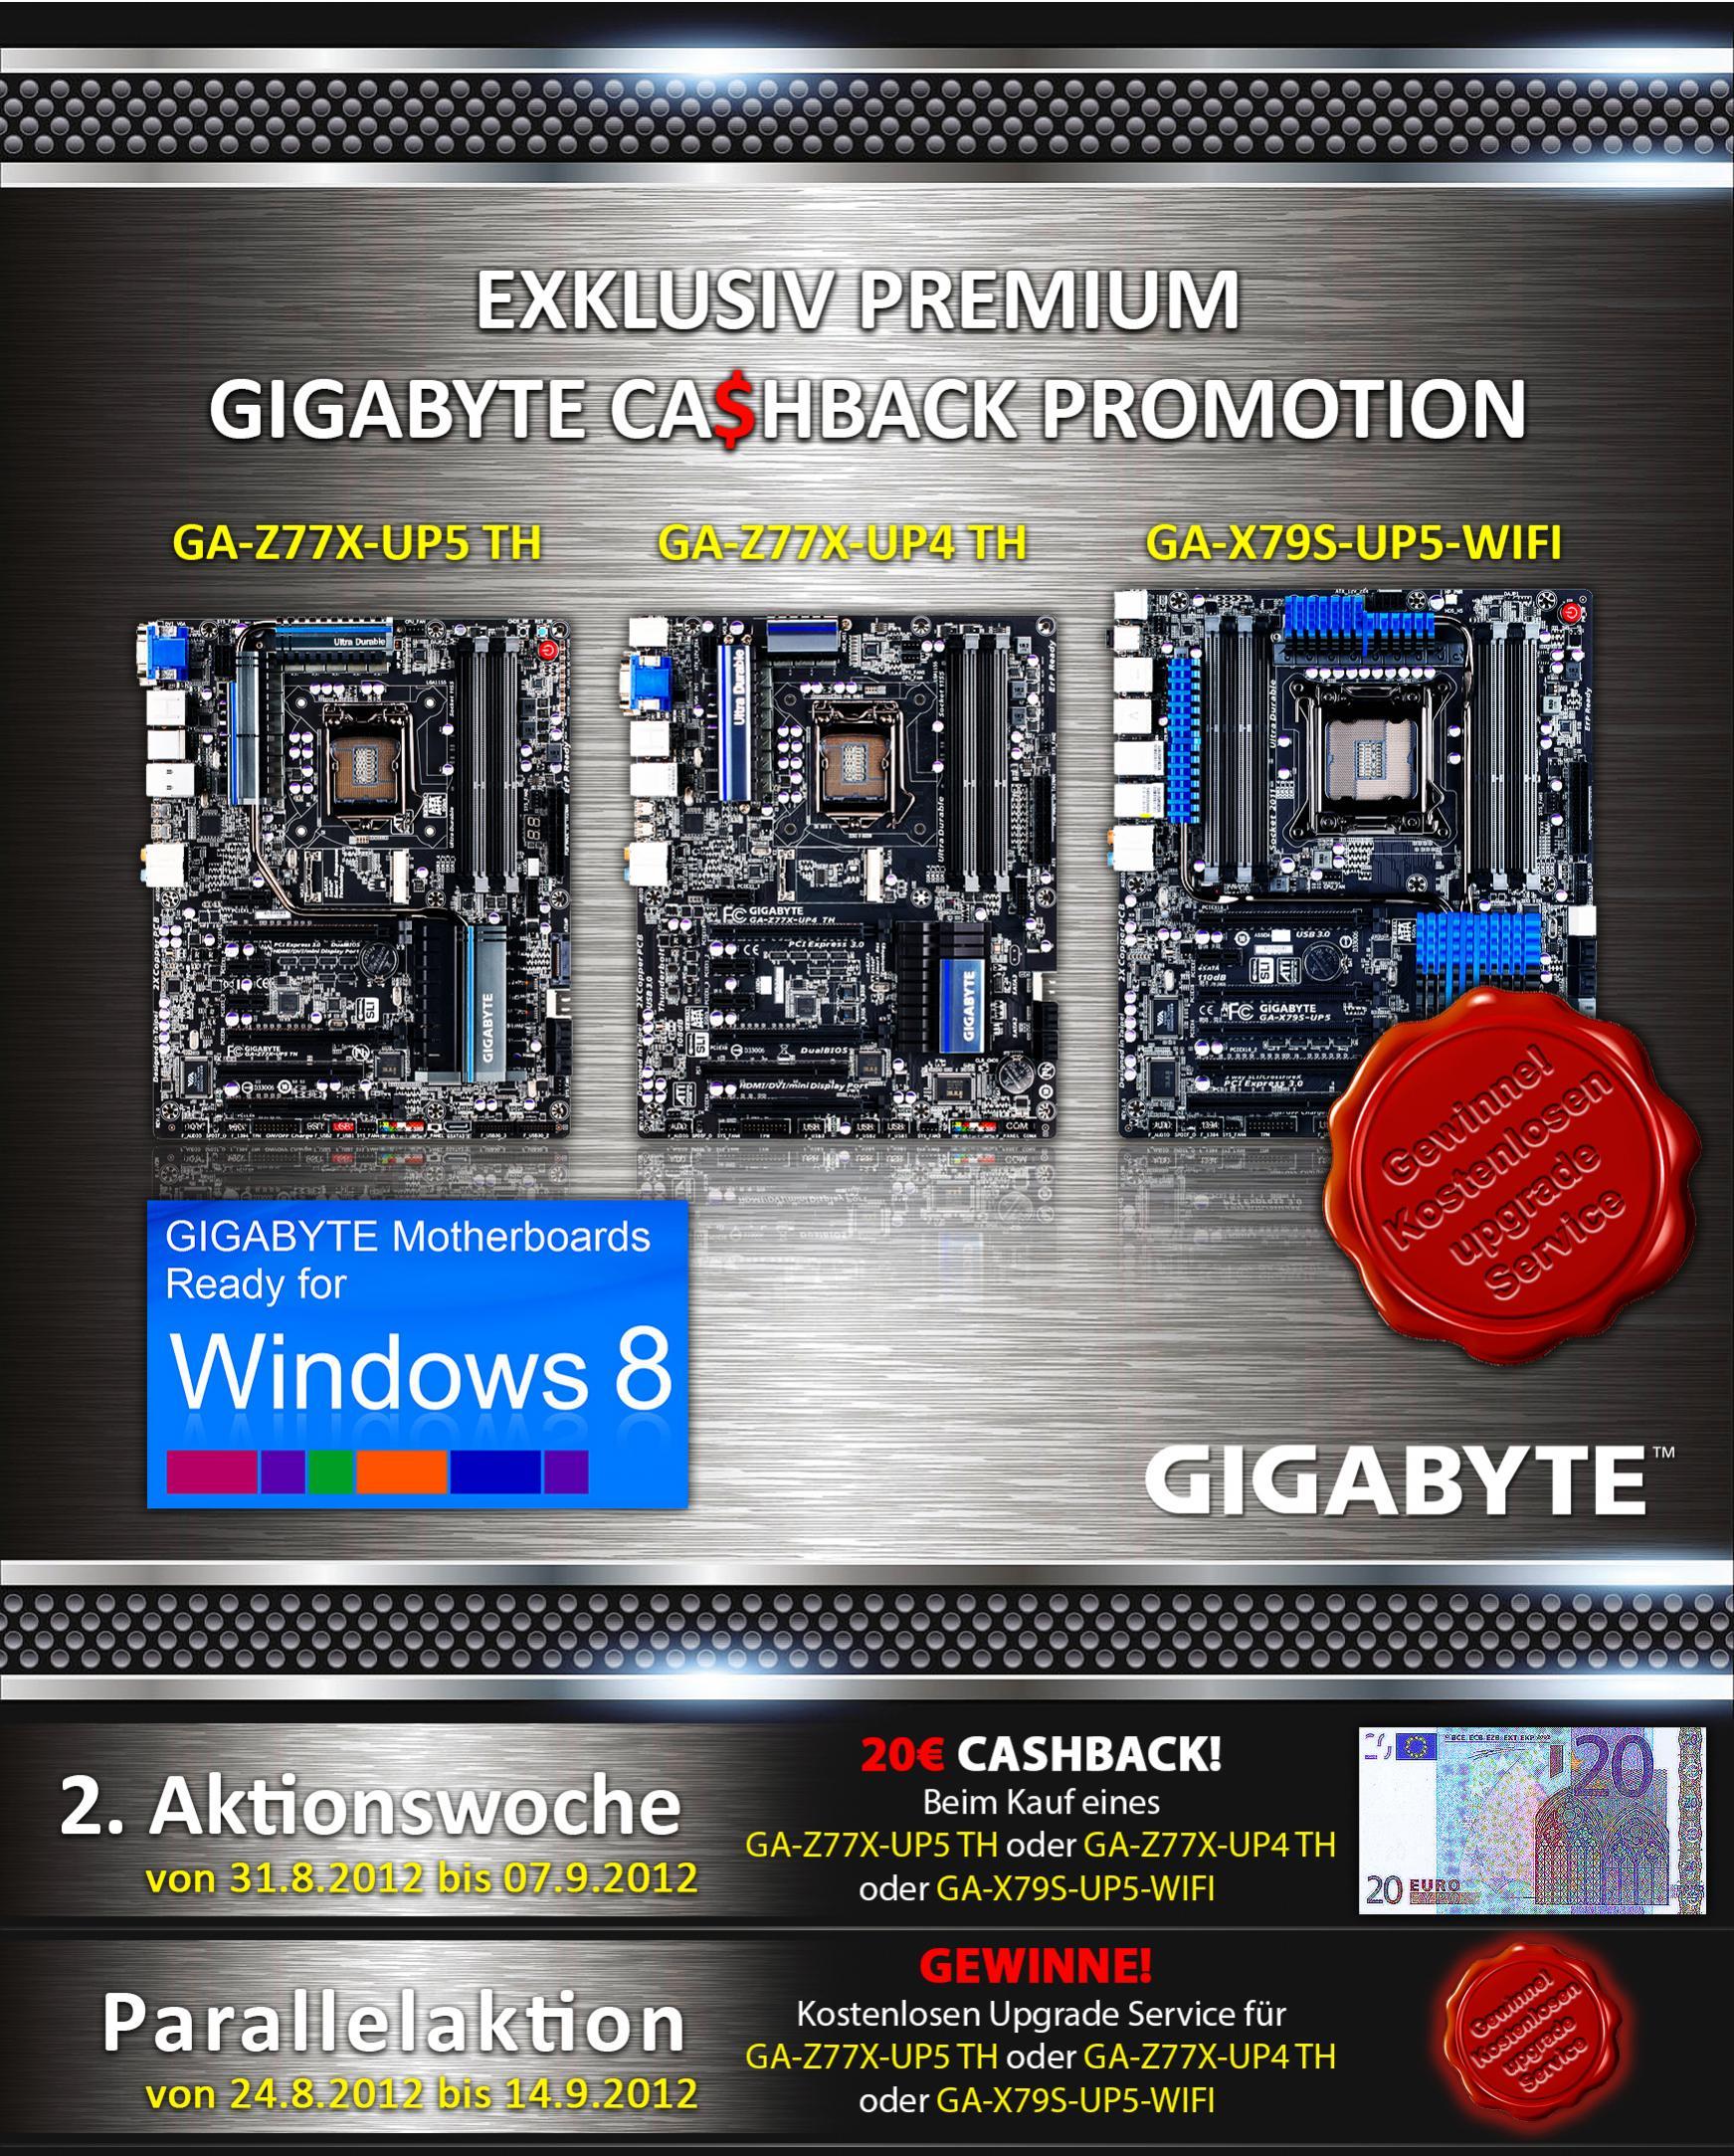 Willkommen zu den GIGABYTE Aktionen und Informationen-neu-cashbak-2012-august-woche-2.jpg